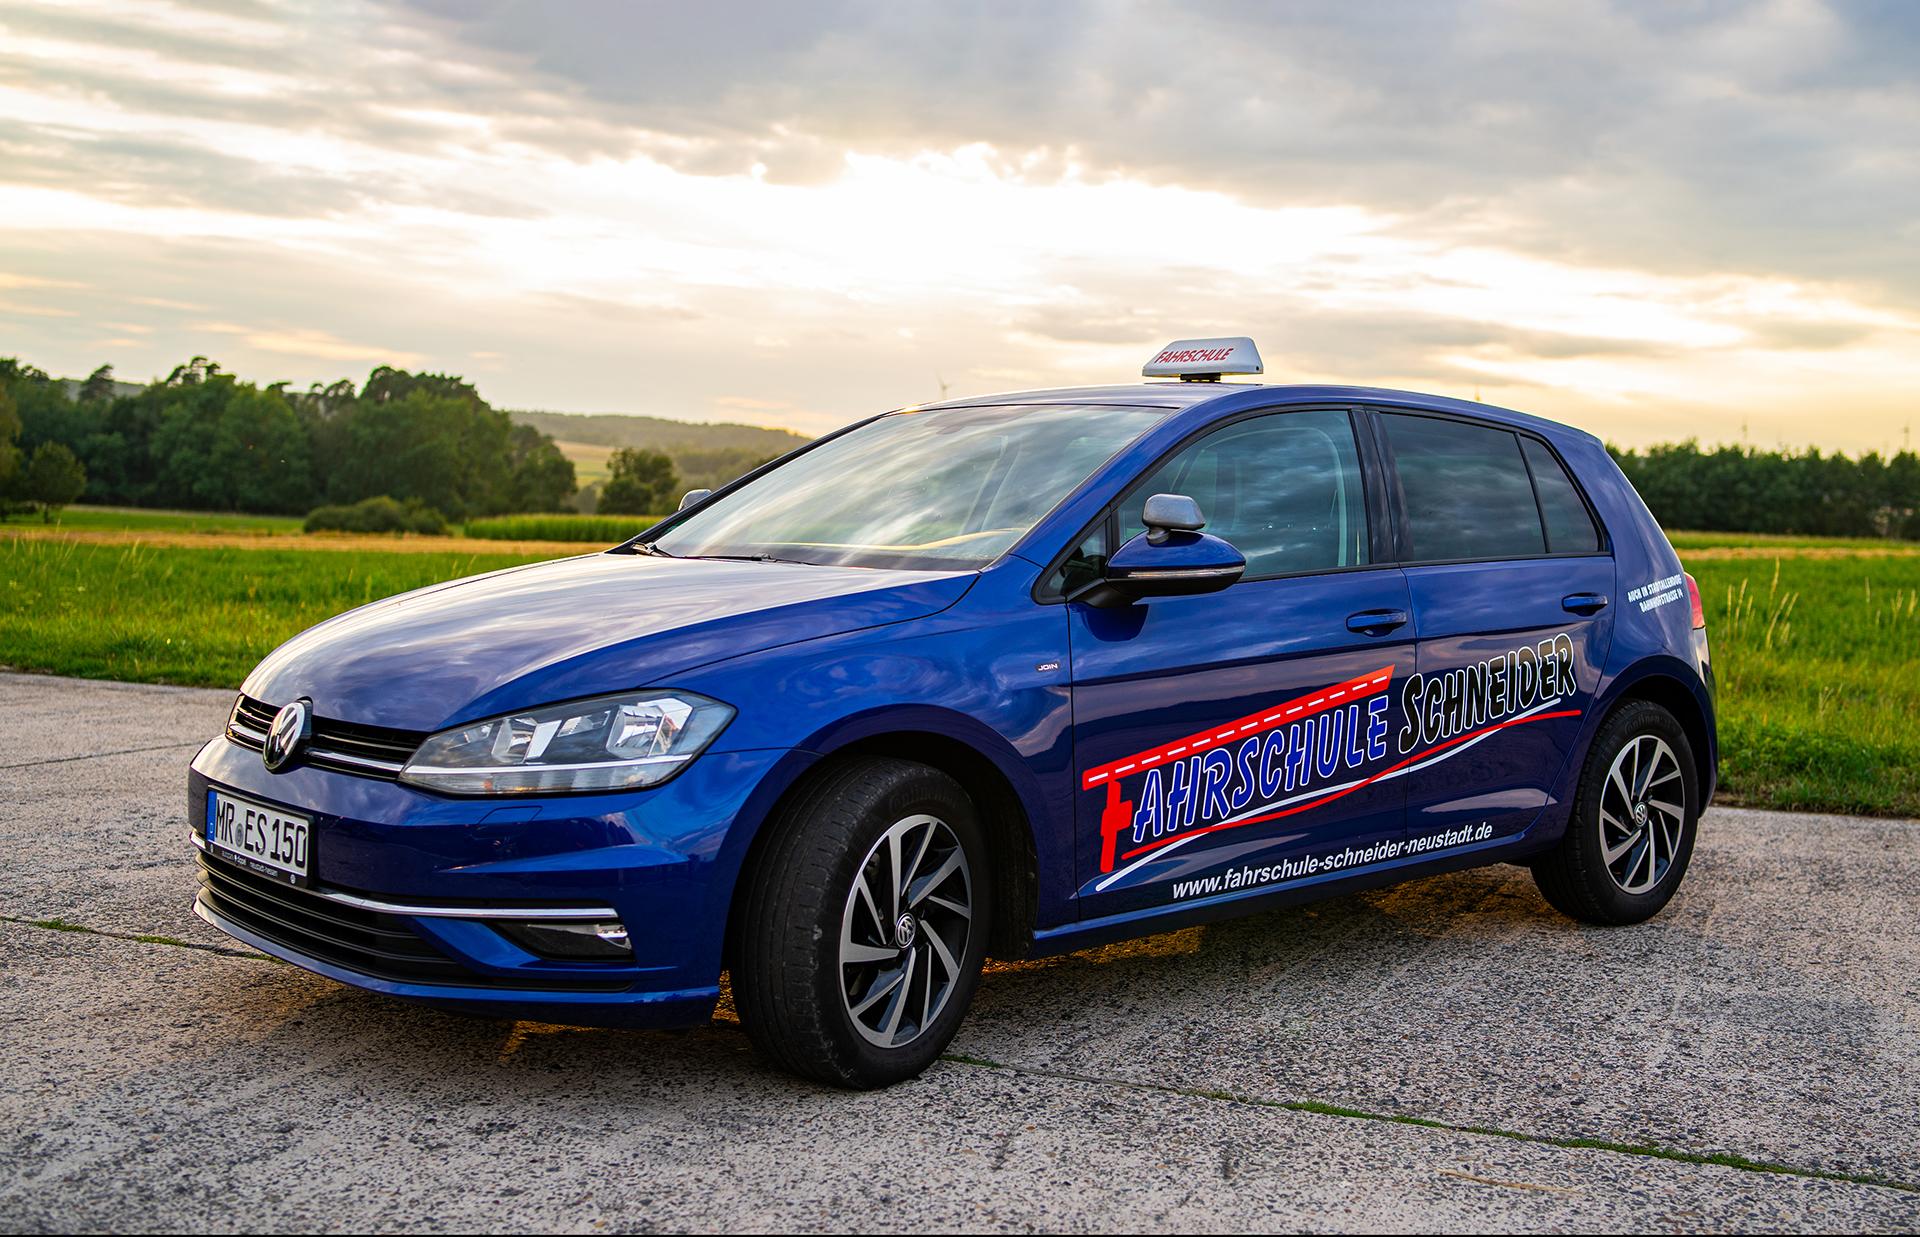 VW Golf Fahrschule Schneider Neustadt